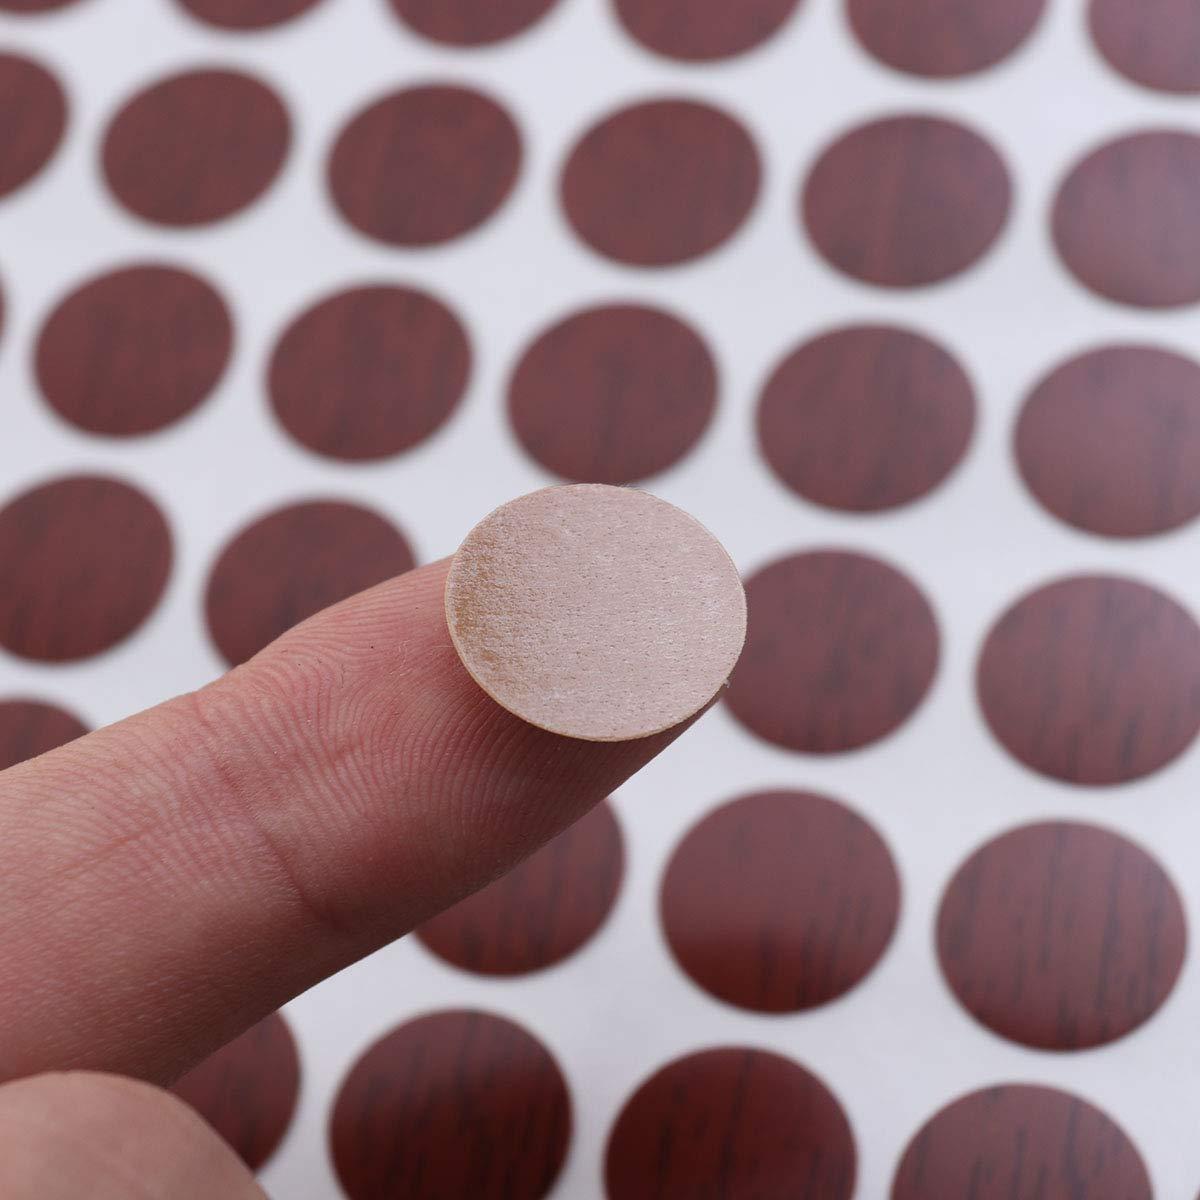 LIOOBO Tornillo Impermeable Cubiertas del Agujero Antideslizante Pegatinas Decorativas 15 mm 96 unids 3 Hojas